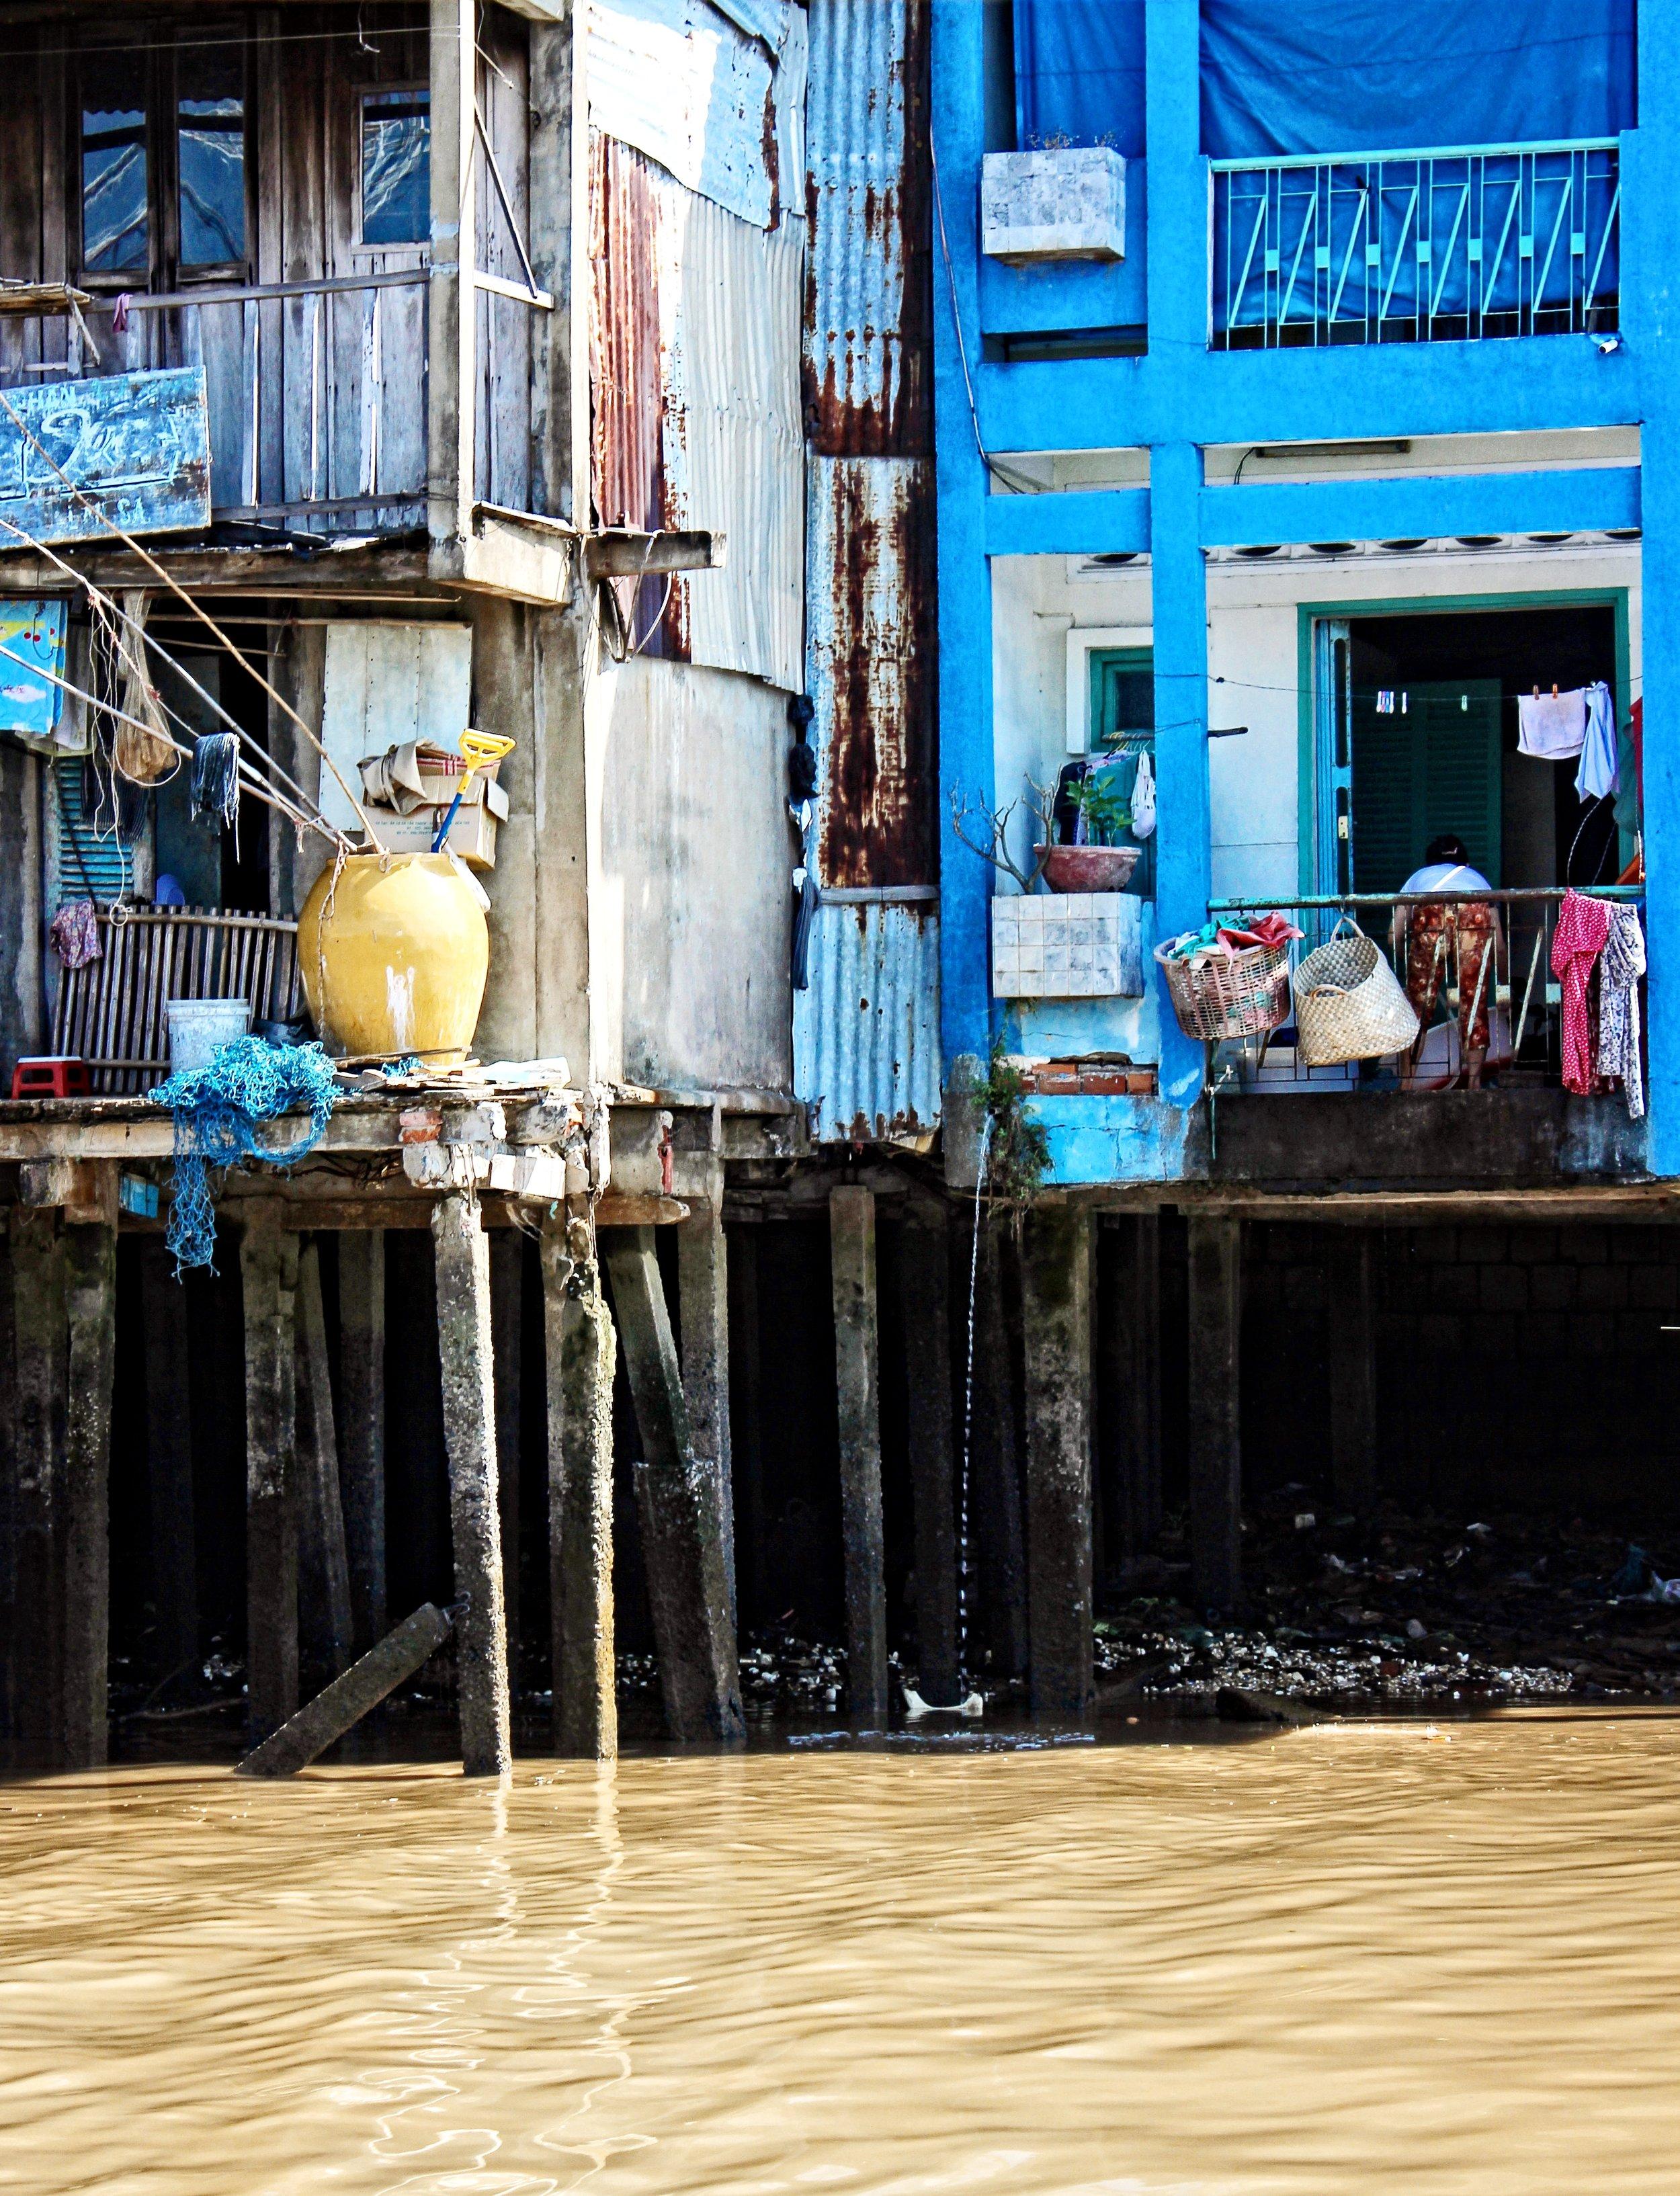 Life along the Mekong Delta